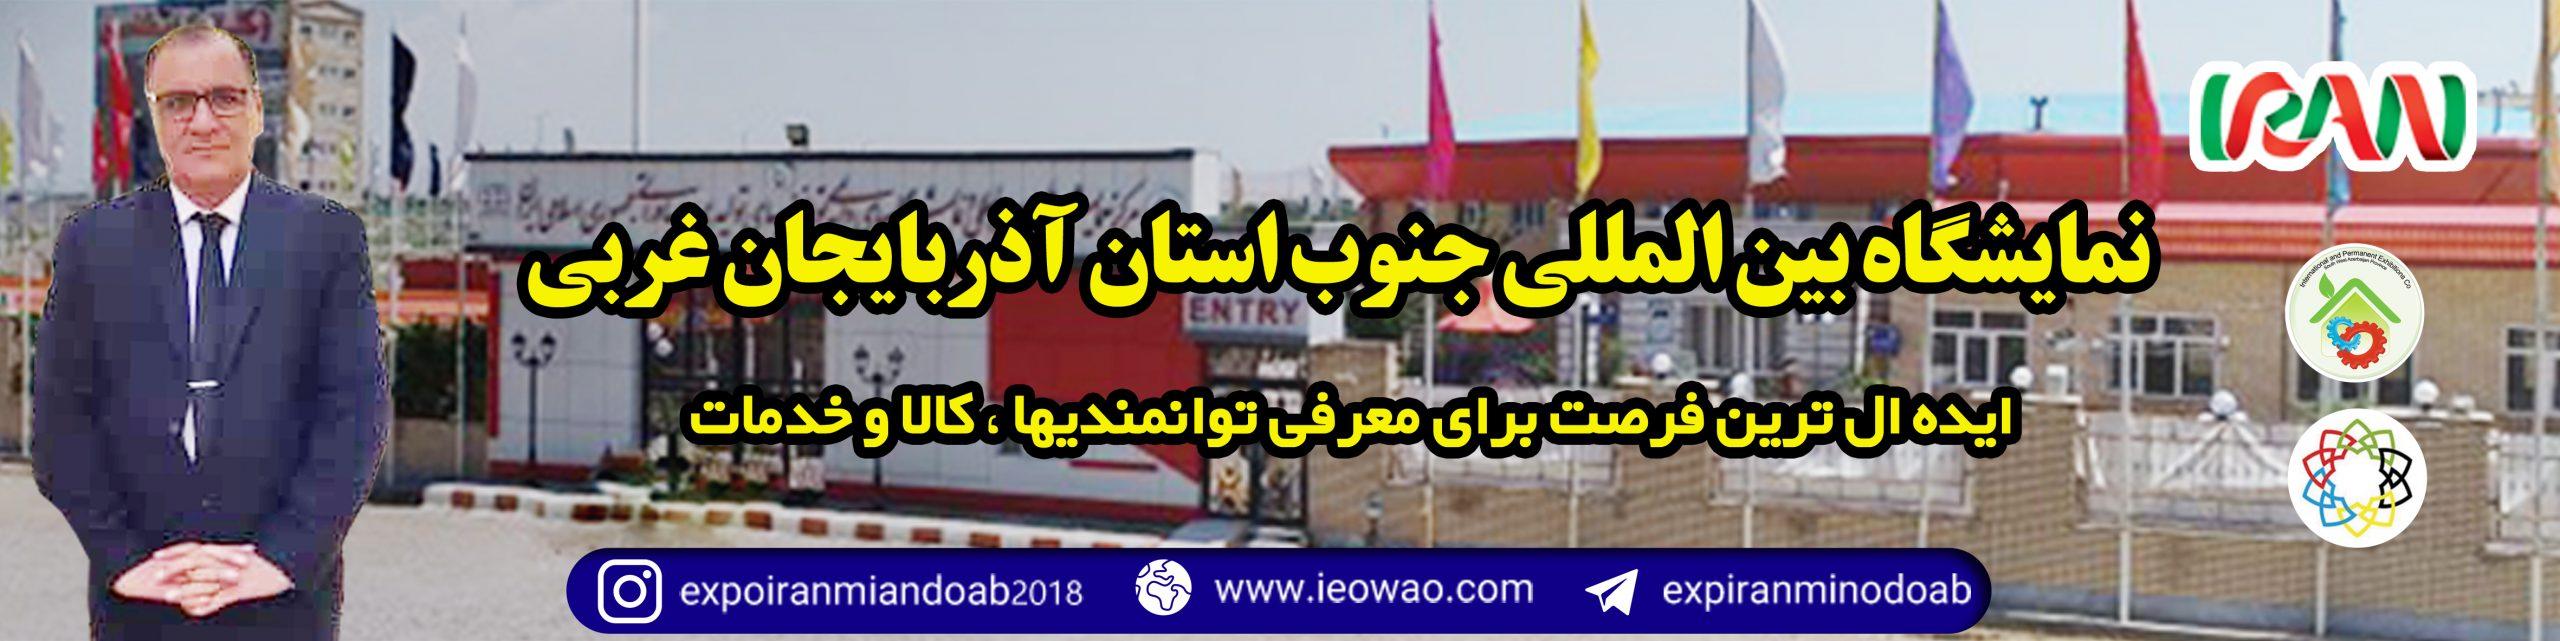 دومین نمایشگاه اختصاصی جمهوری اسلامی در عراق